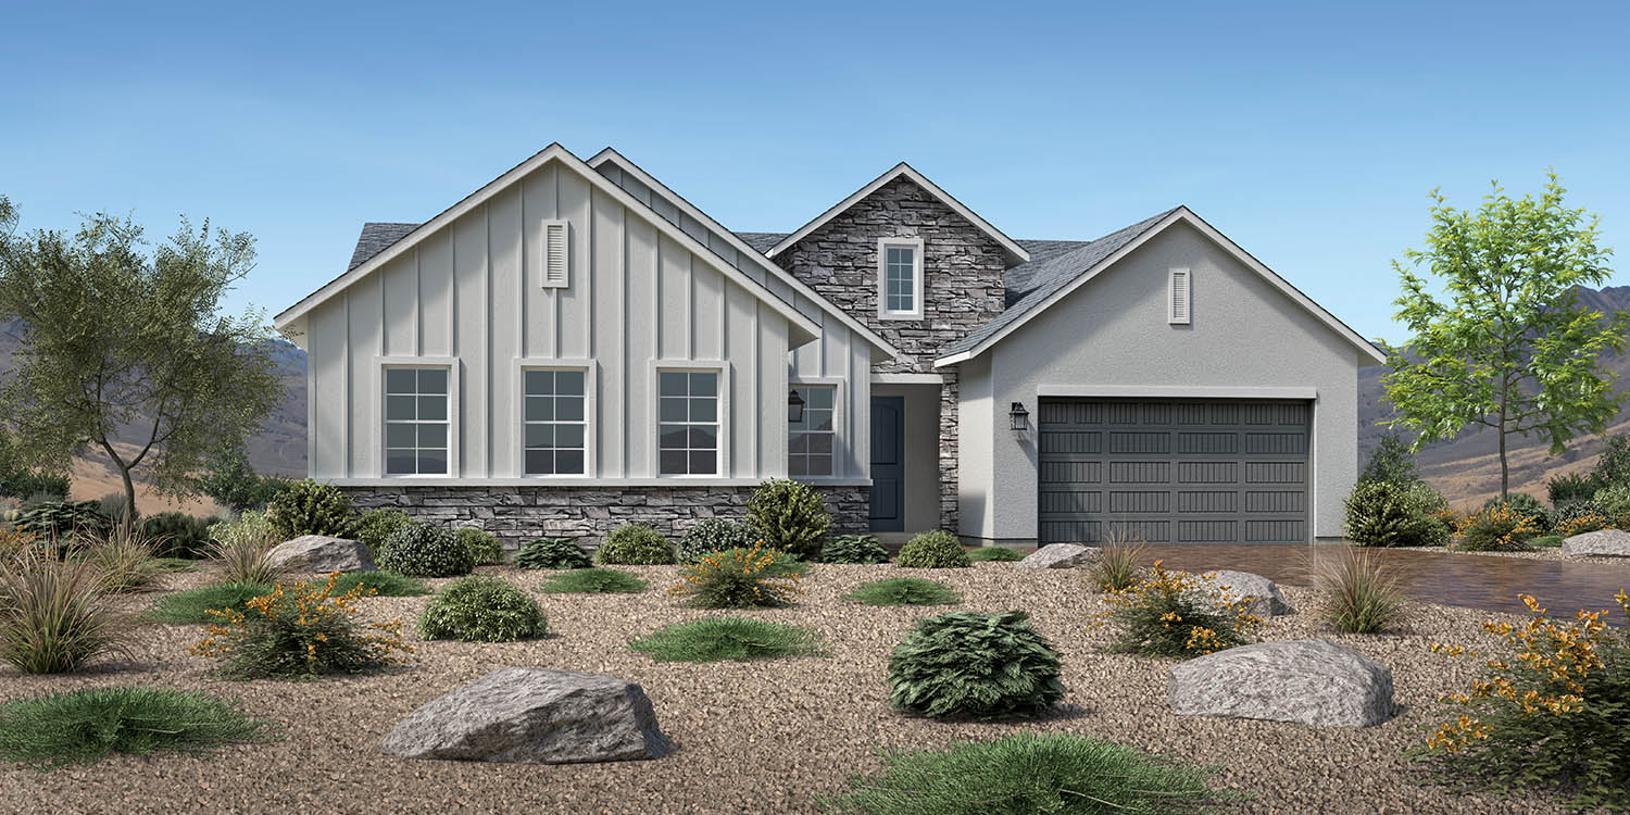 Bentley - Modern Farmhouse